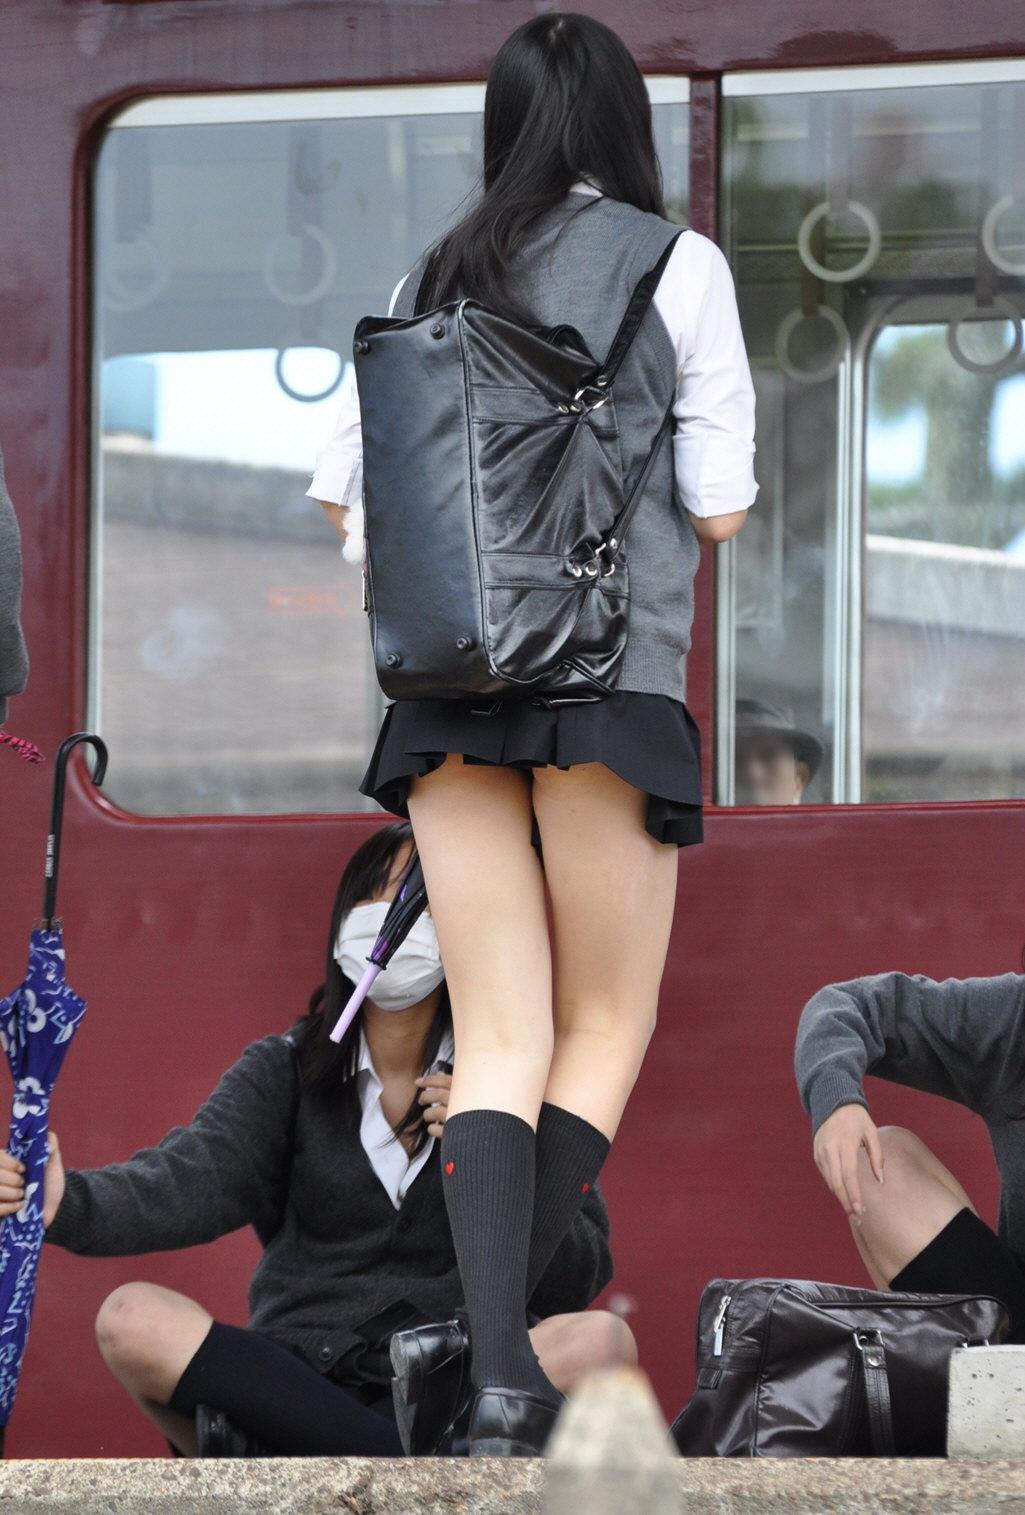 ワイ、10代小娘の生足太もも&パンツ丸見えを拝めるおかげで列車に乗り遅れたことがないンゴwwwwwwwwwwww(秘密撮影写真あり)